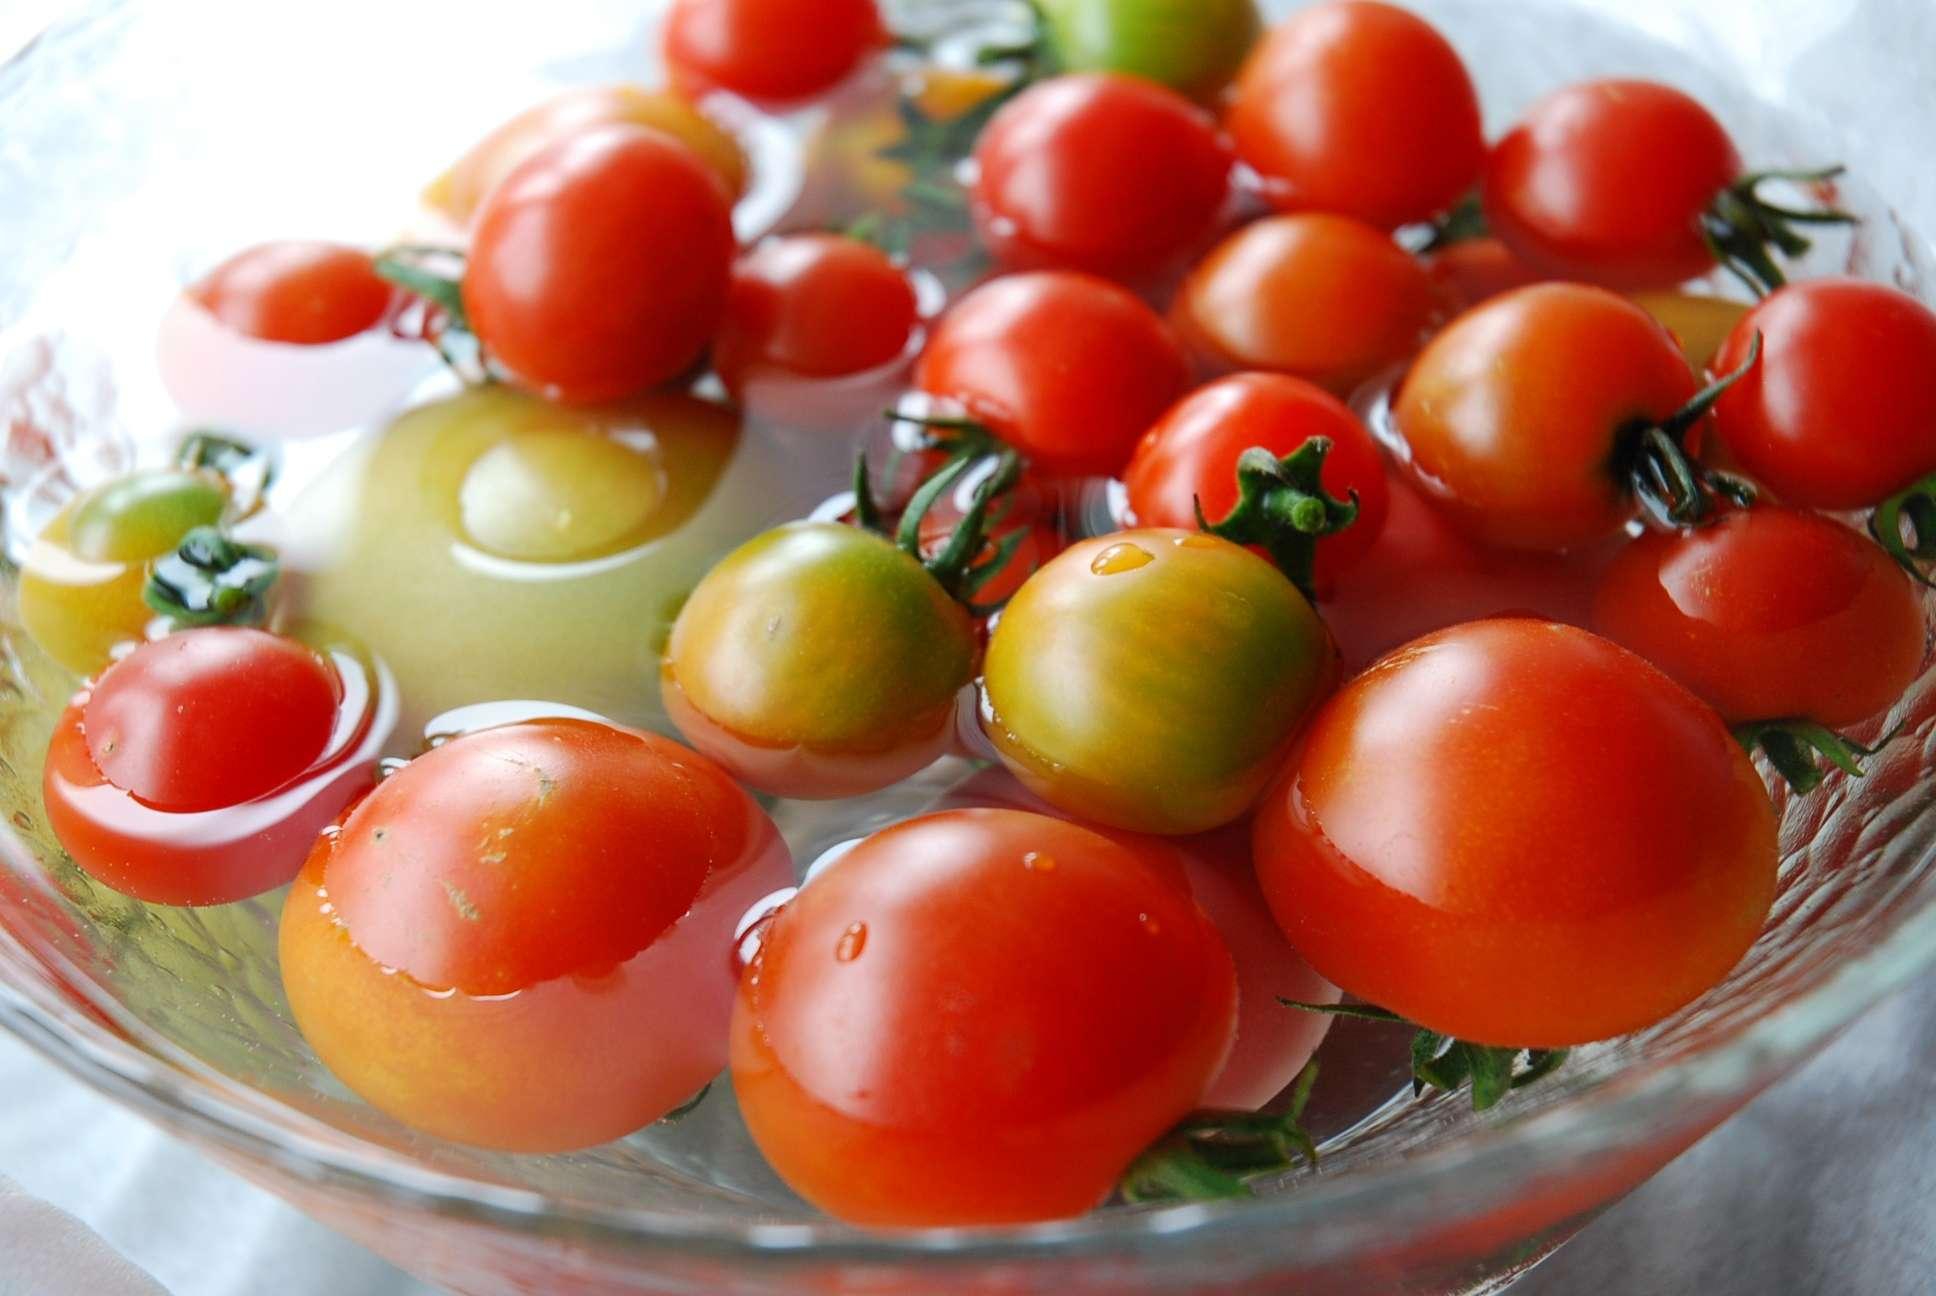 ここまで体にいいとは!「夏トマト」を食べるべき6つの理由